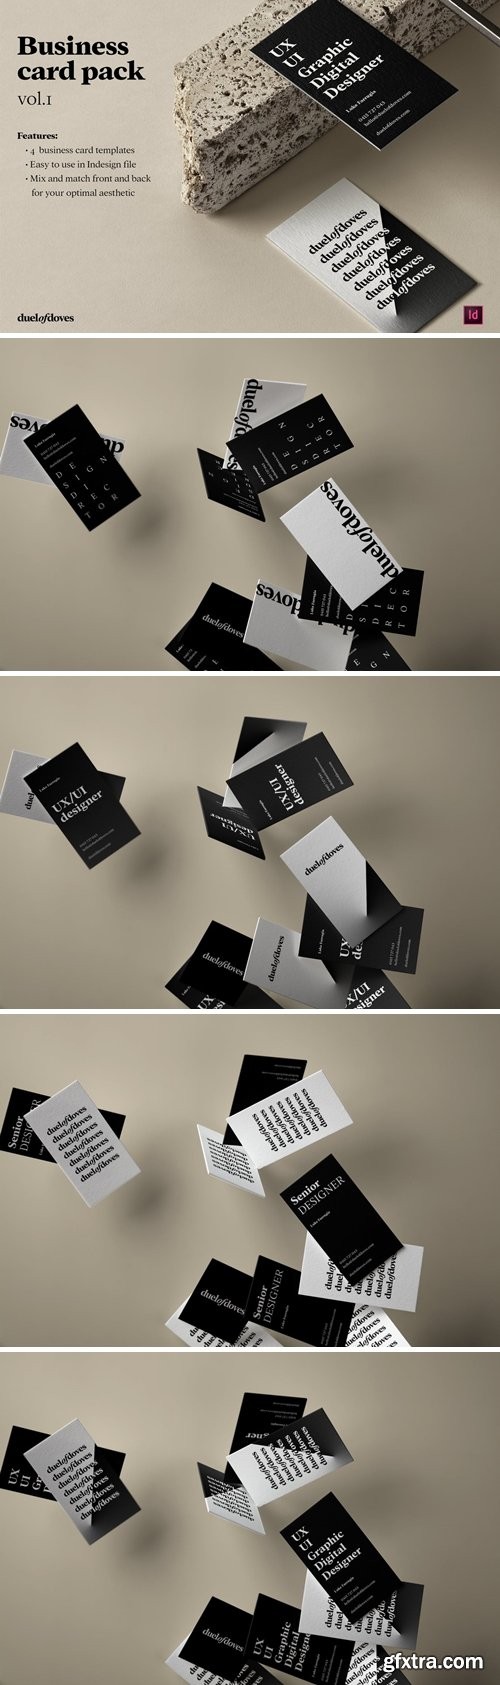 Businesscard packvol.1